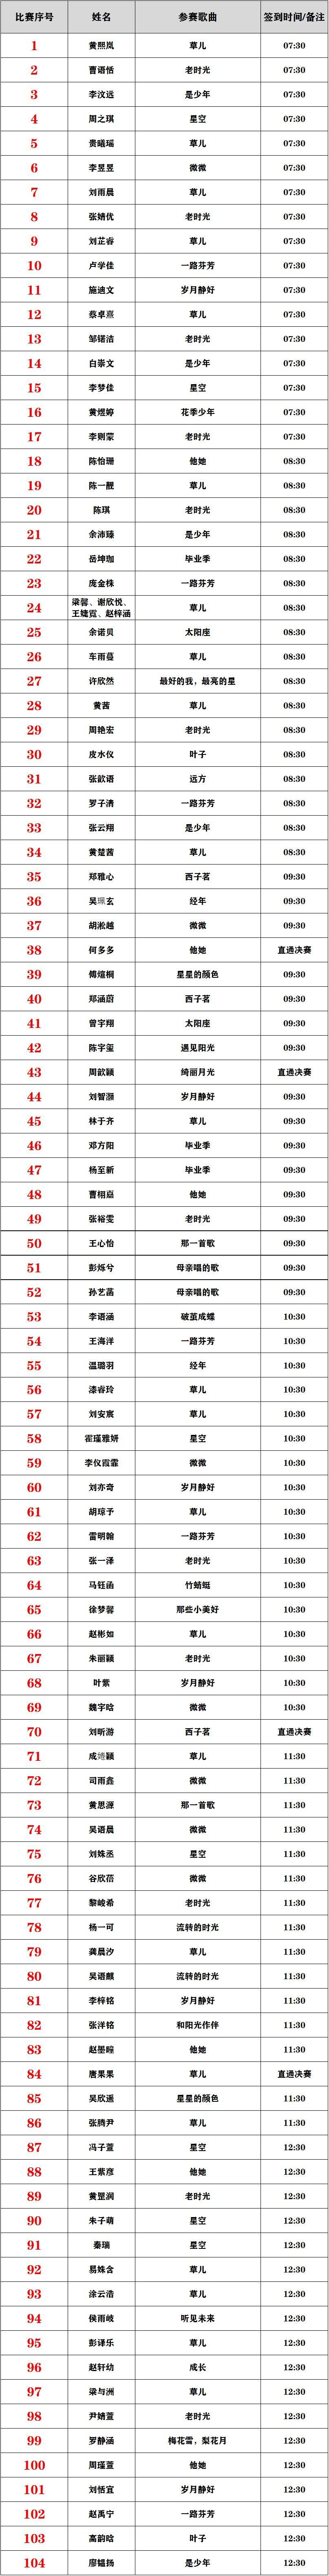 2021第17届快乐阳光全国少歌赛【重庆赛区】复赛比赛通知 第11张